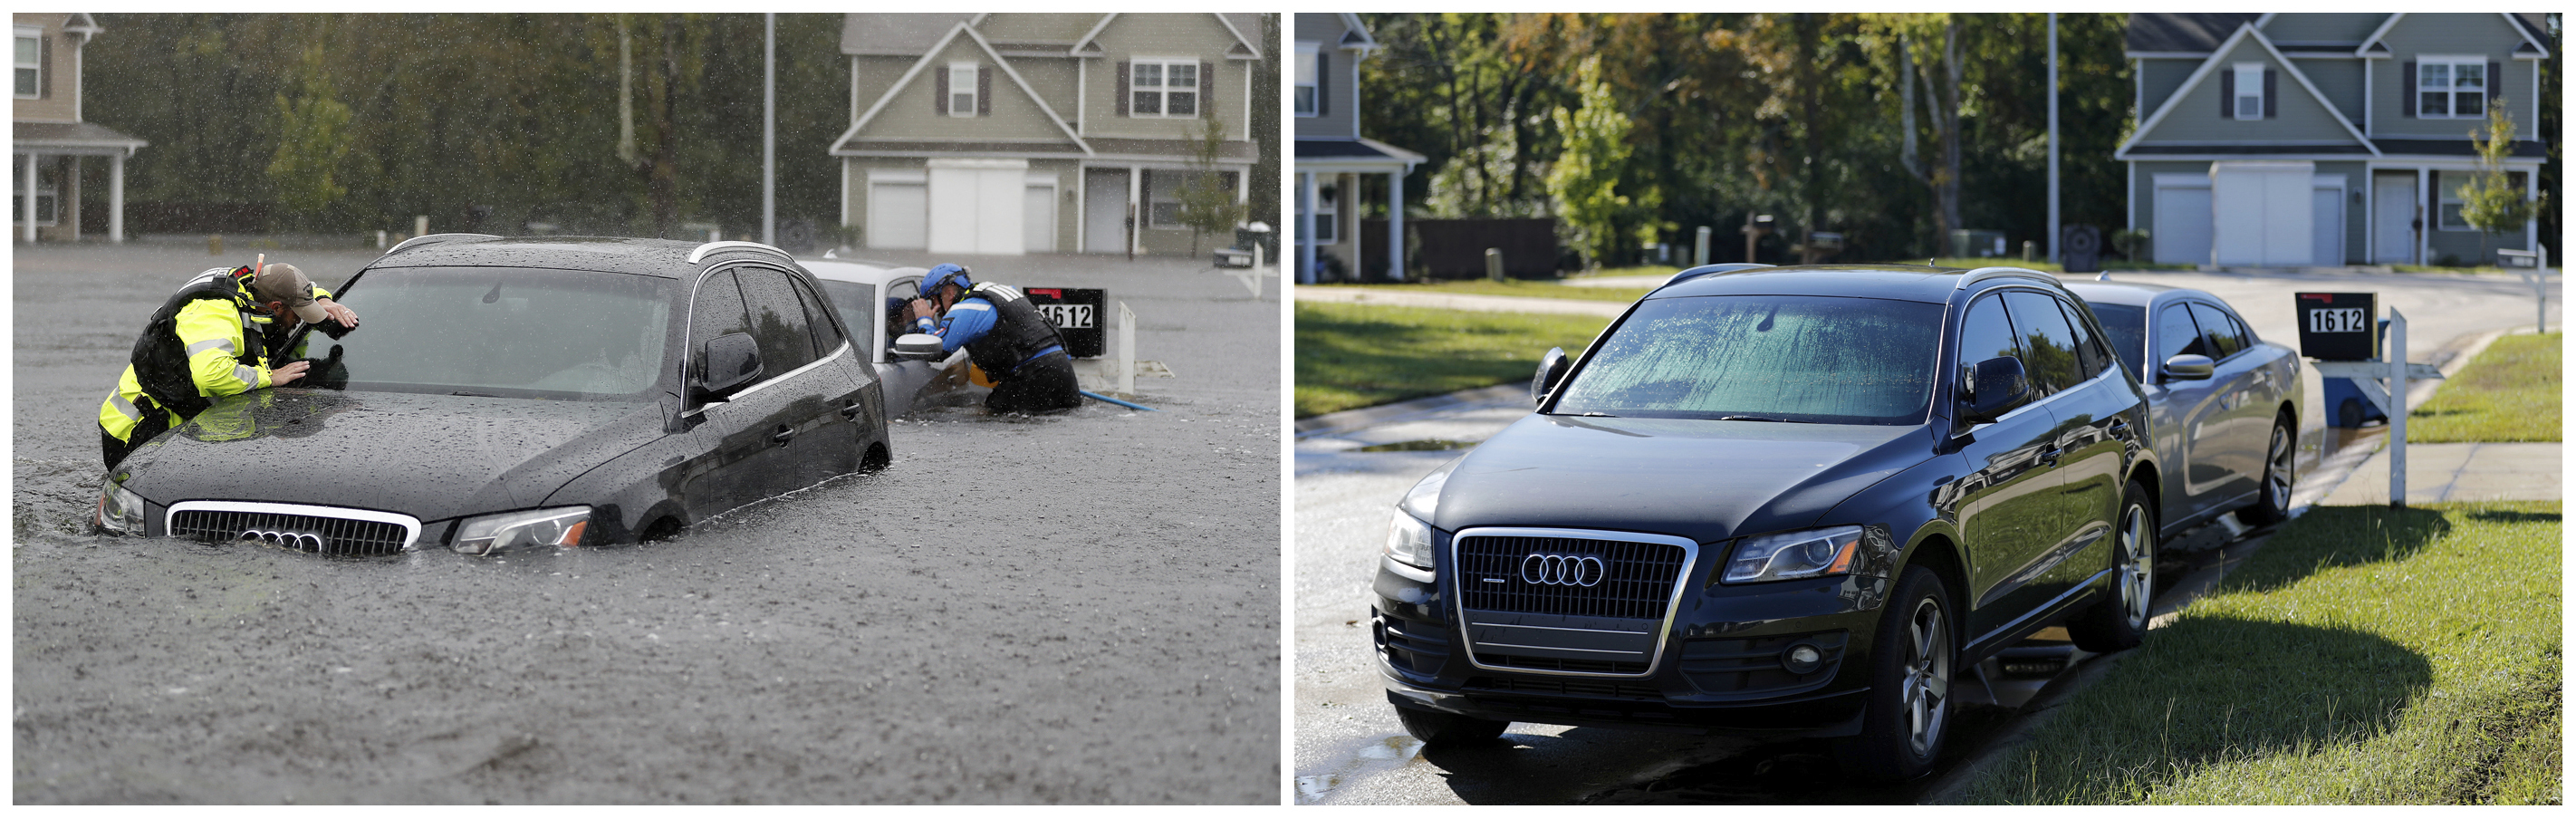 Esta combinación de fotografías muestra a un equipo urbano de búsqueda y rescate de la Fuerza especial de Carolina del Norte el 16 de septiembre de 2018, a la izquierda, y después, el 19 de septiembre, a la derecha, tras el paso del huracán Florence en Fayetteville, Carolina del Norte. (AP Foto/David Goldman)